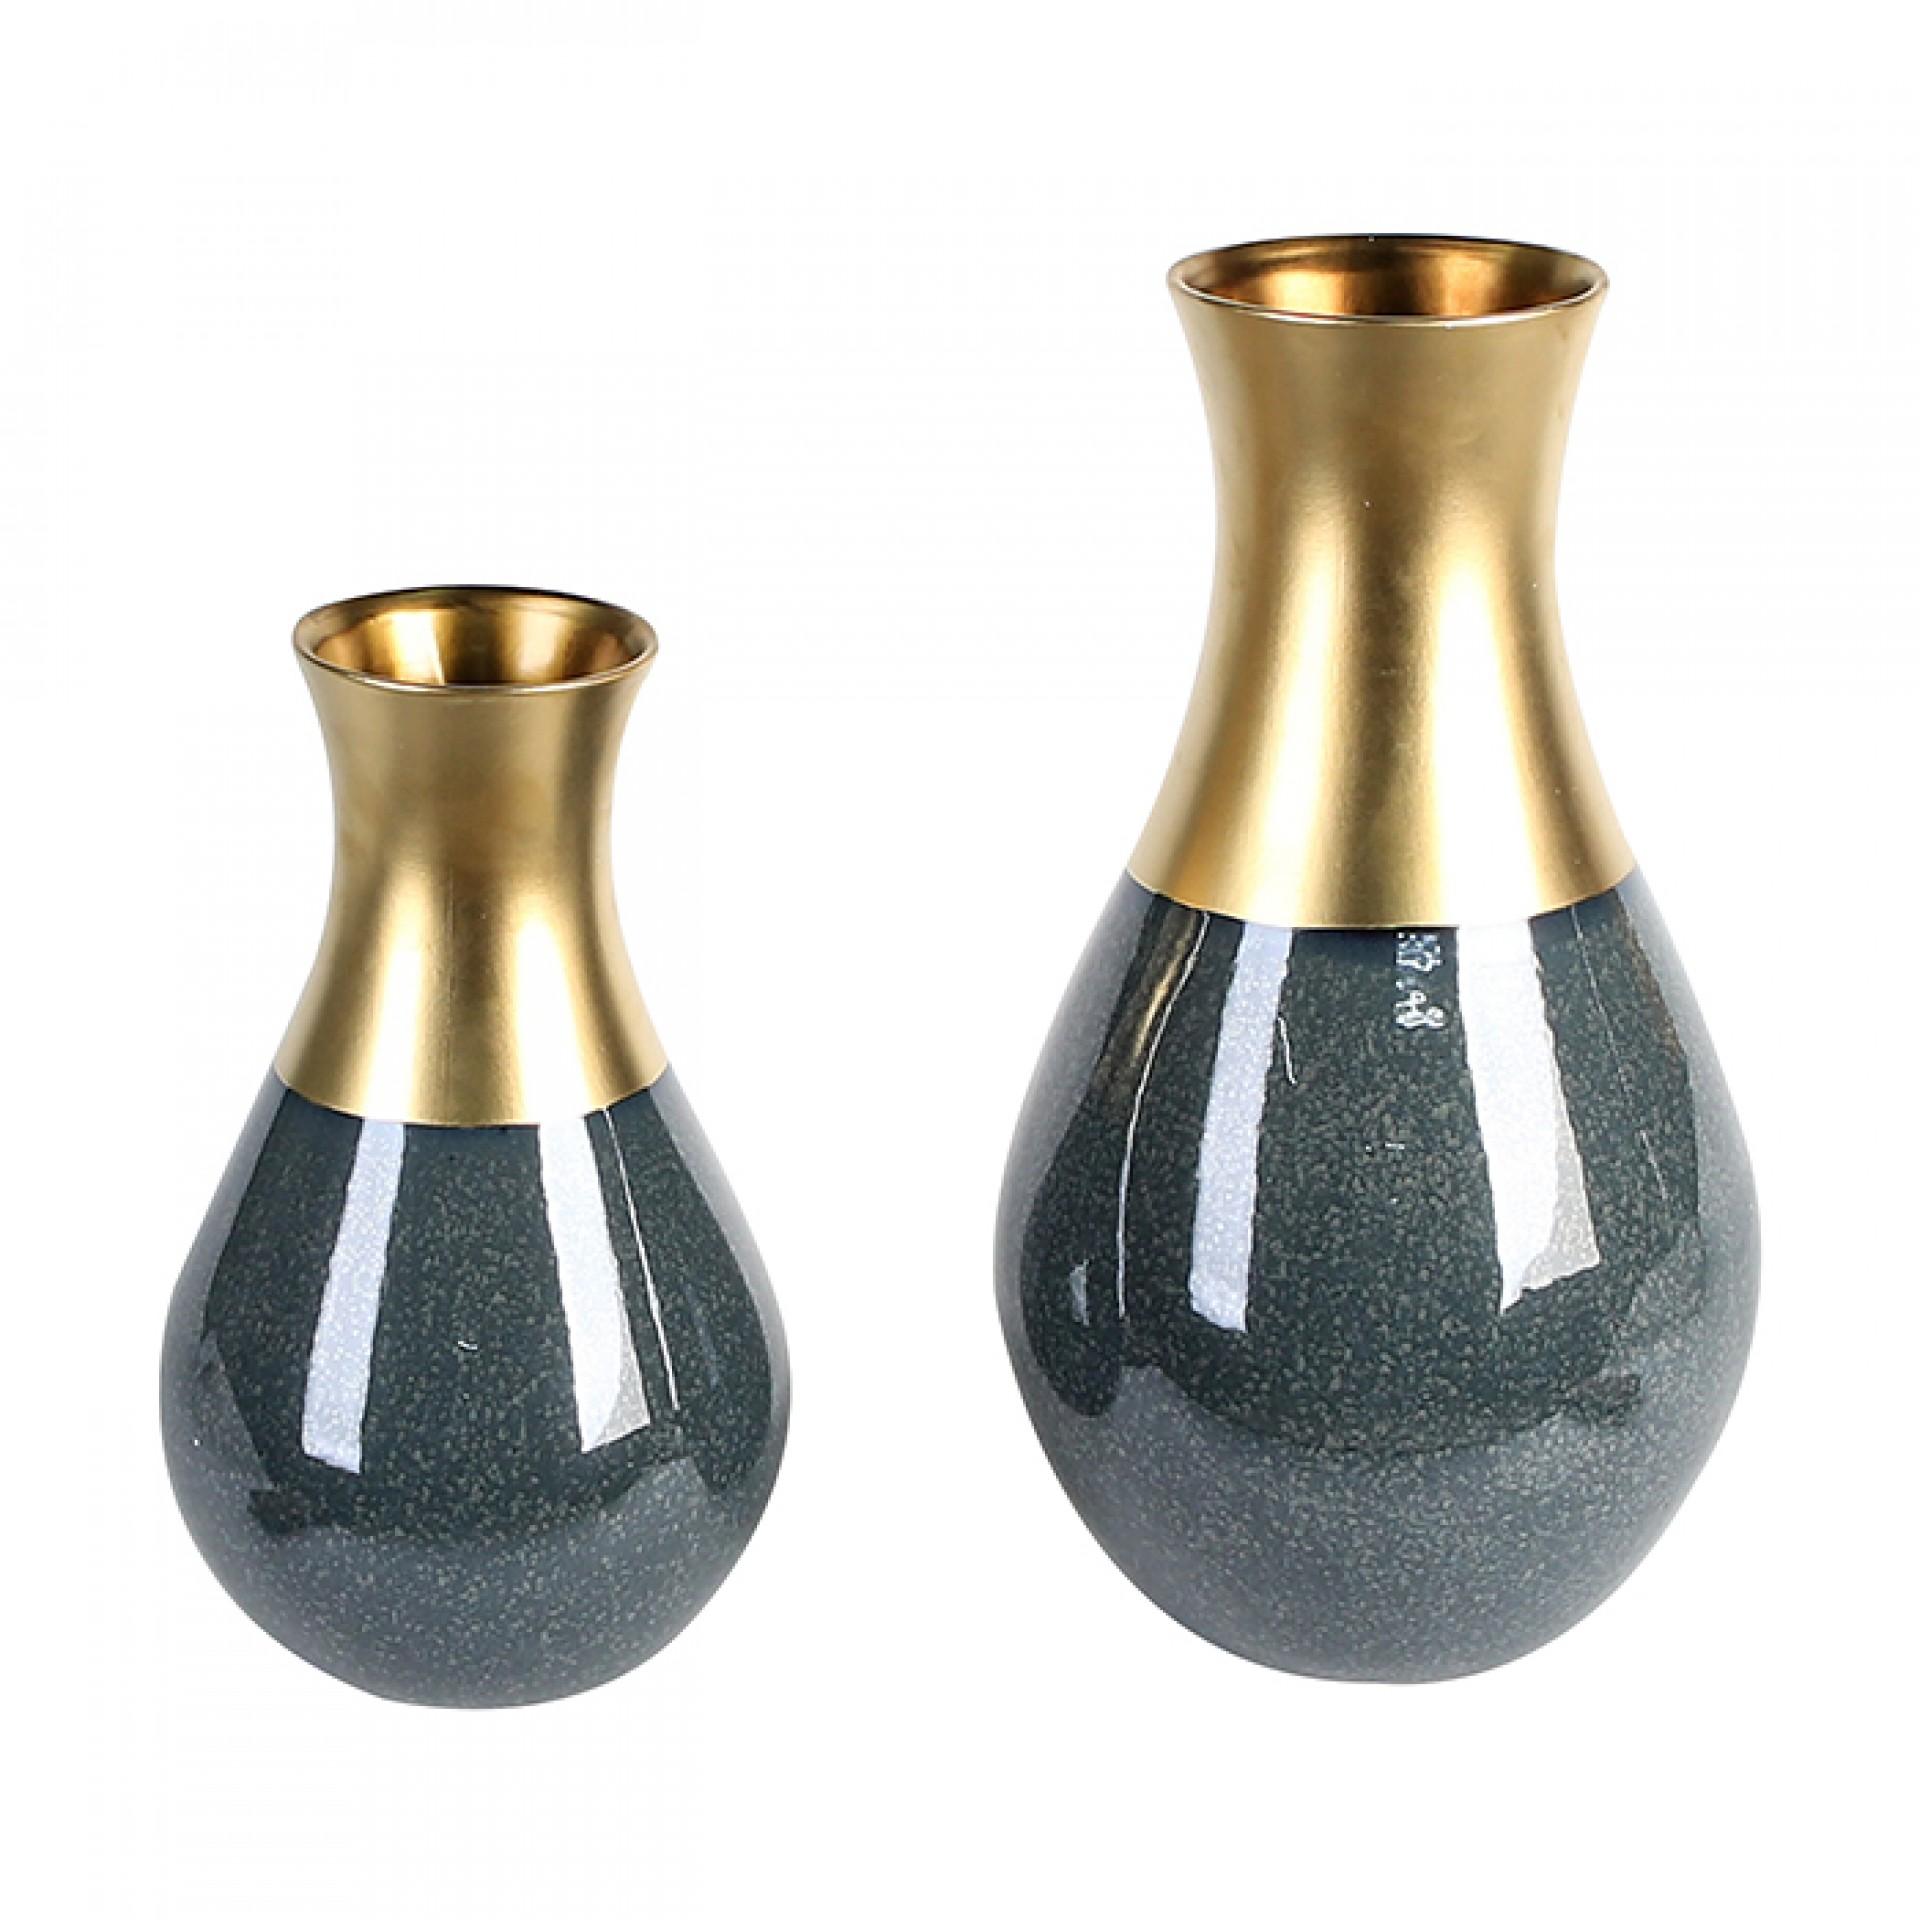 Keramická váza Opulent, 45 cm, modrá/zlatá